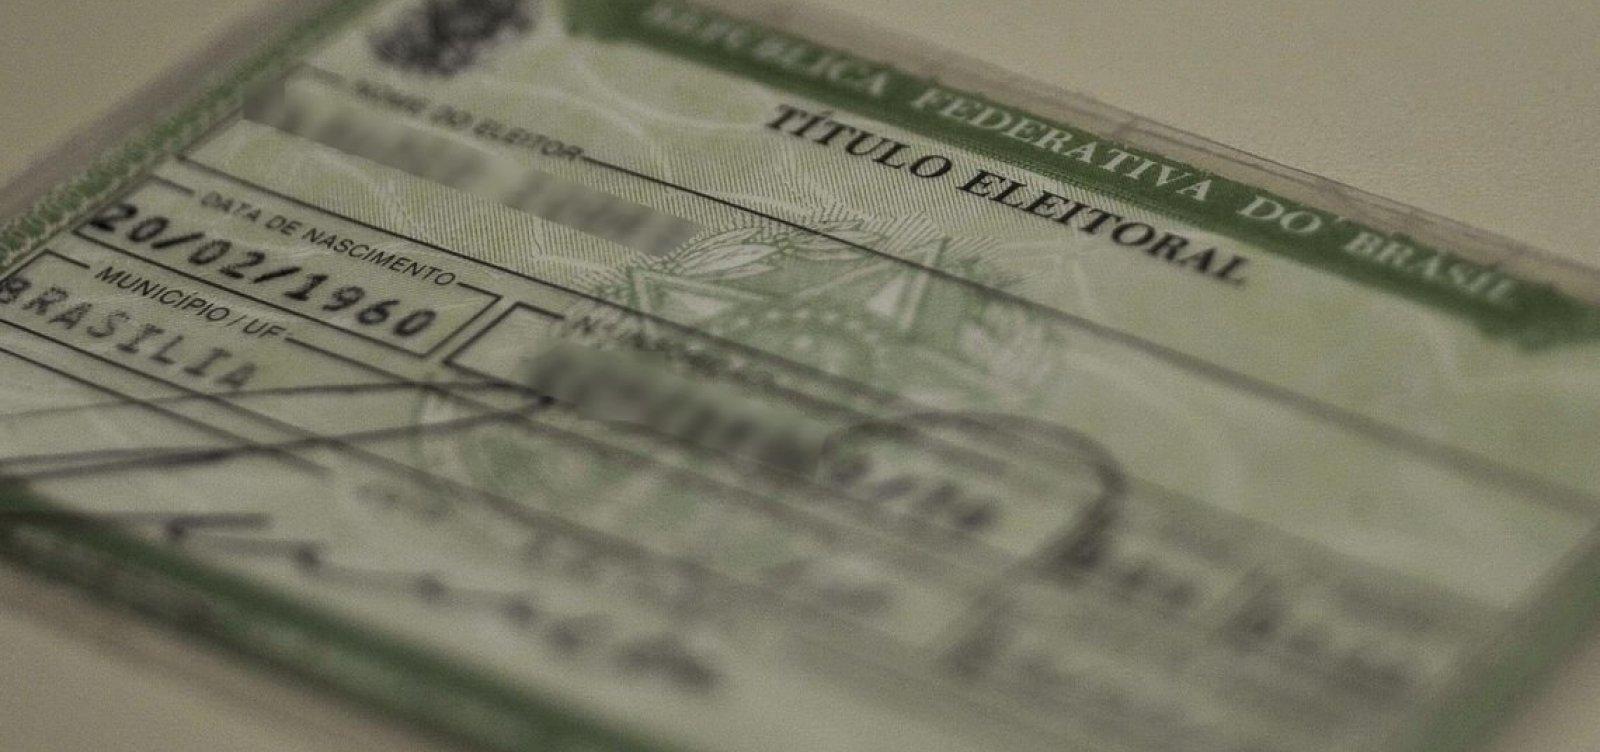 [Justiça Eleitoral cancela mais de 90 mil títulos no estado]